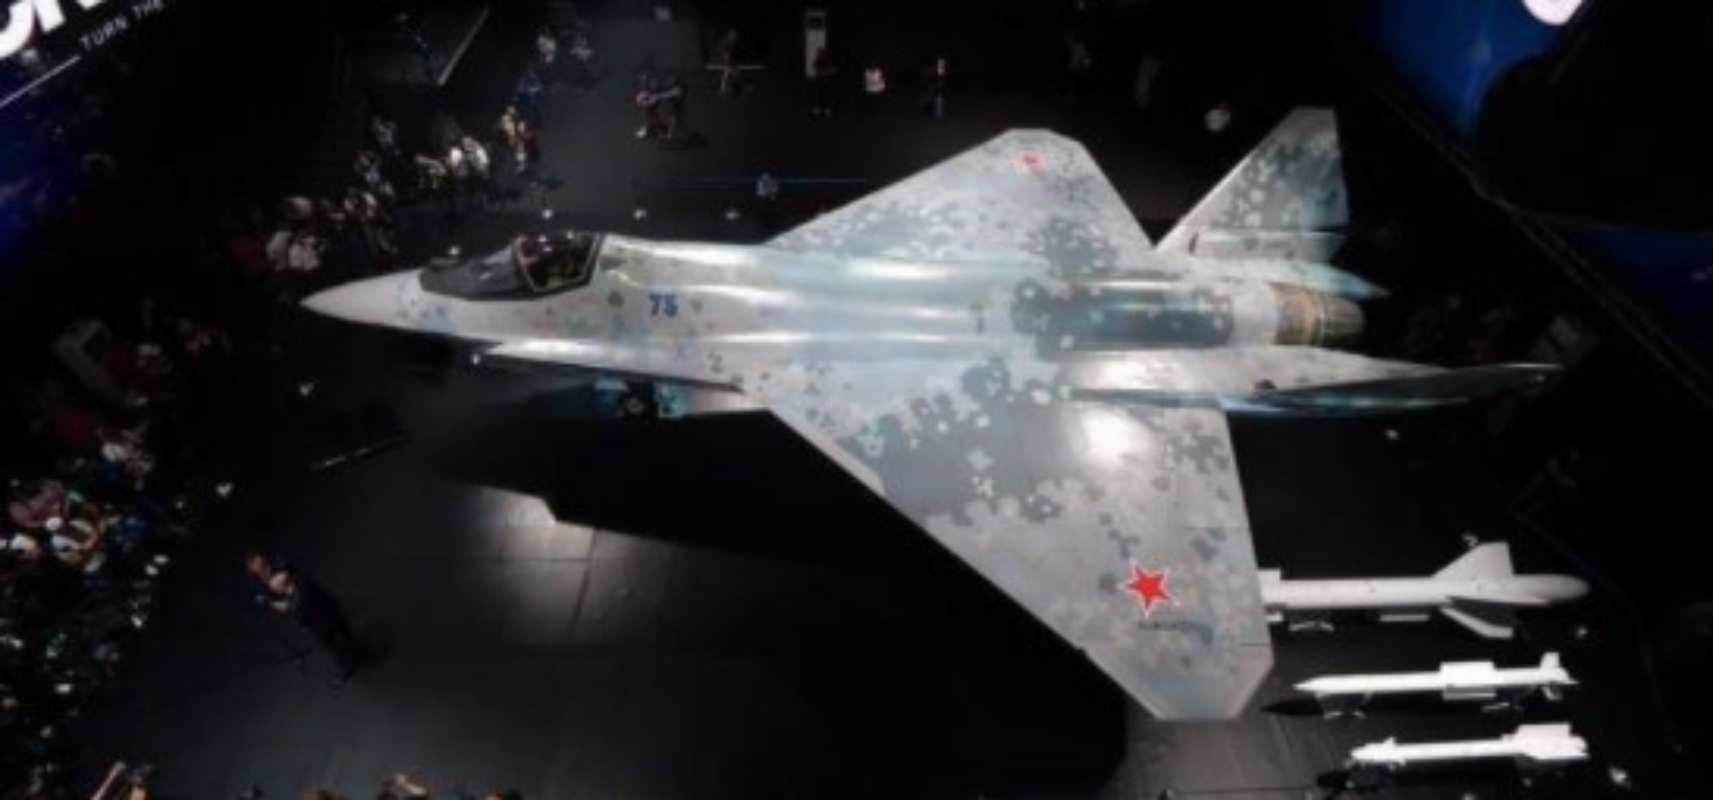 My phan tich hinh dang khi dong hoc cua Su-75 Chieu Tuong